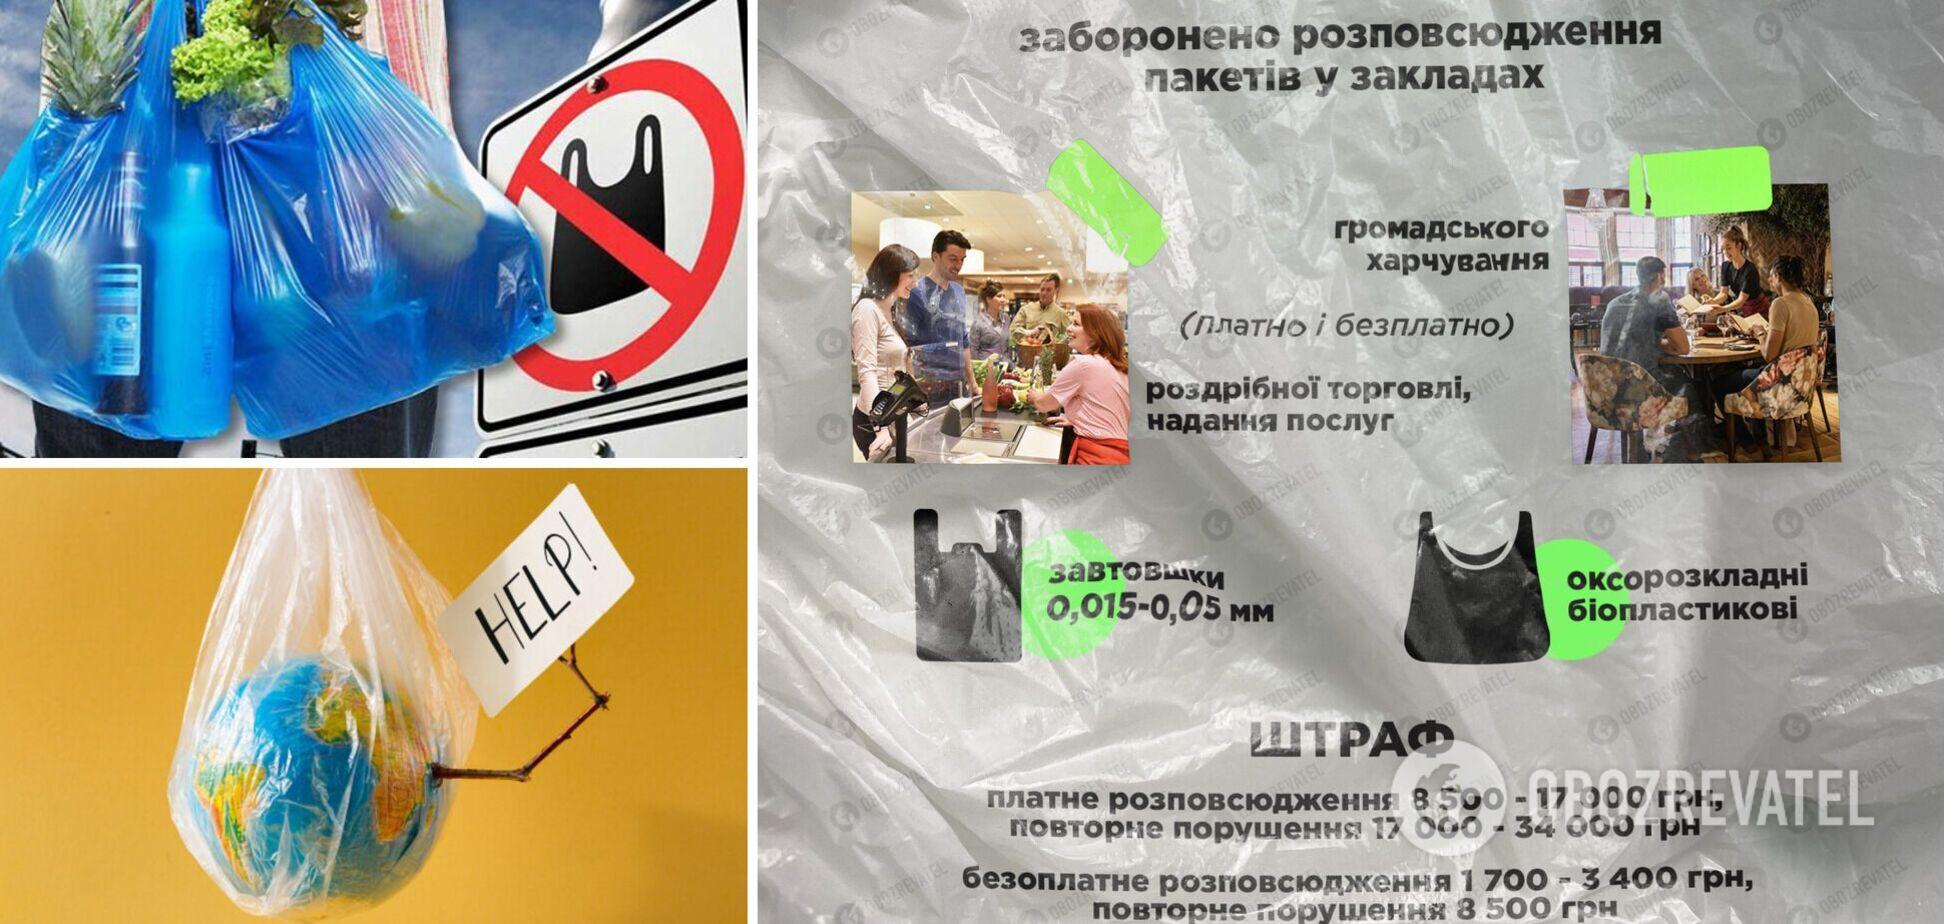 В Украине запретят использование пластиковых пакетов, нарушителей ждут огромные штрафы: к чему готовиться